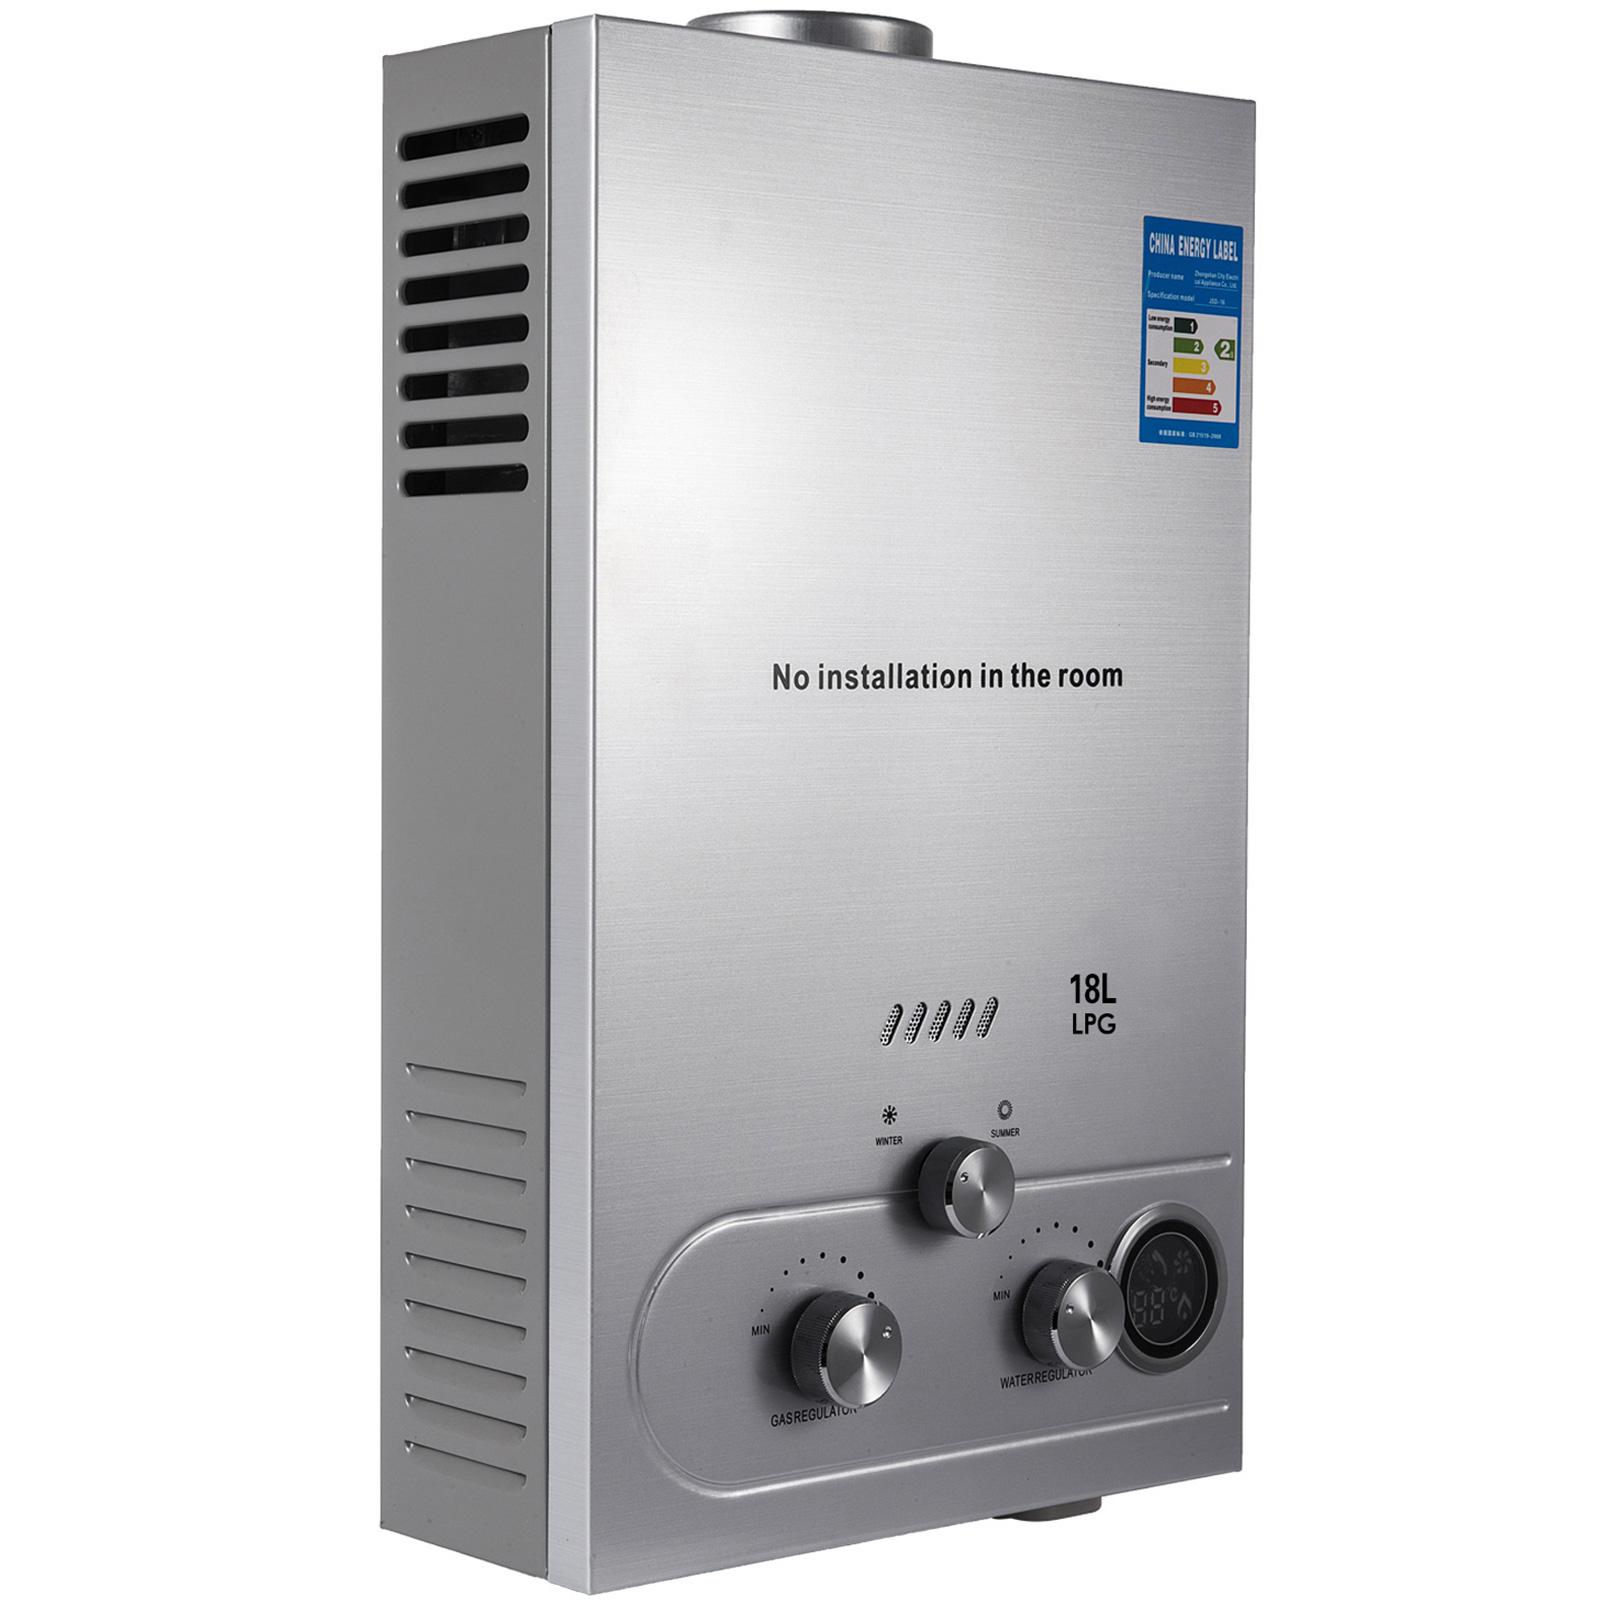 Propangas-Gas-Durchlauferhitzer-Warmwasserbereiter-Boiler-Warmwasserspeicher Indexbild 94